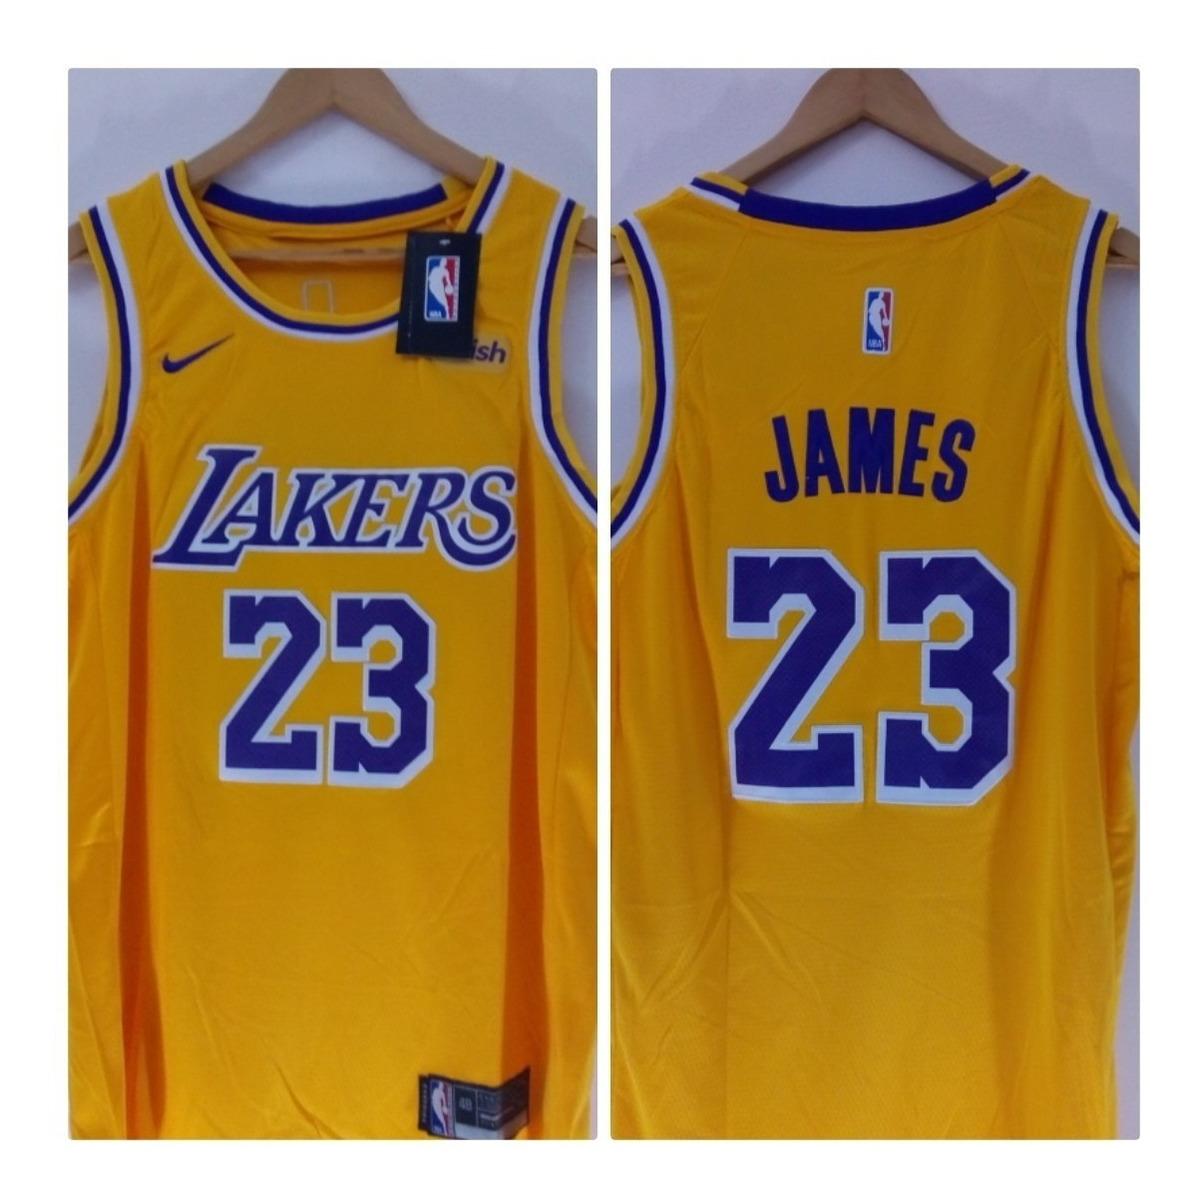 Angeles James Camisetas NbaLos LakersLebron tshrdQC